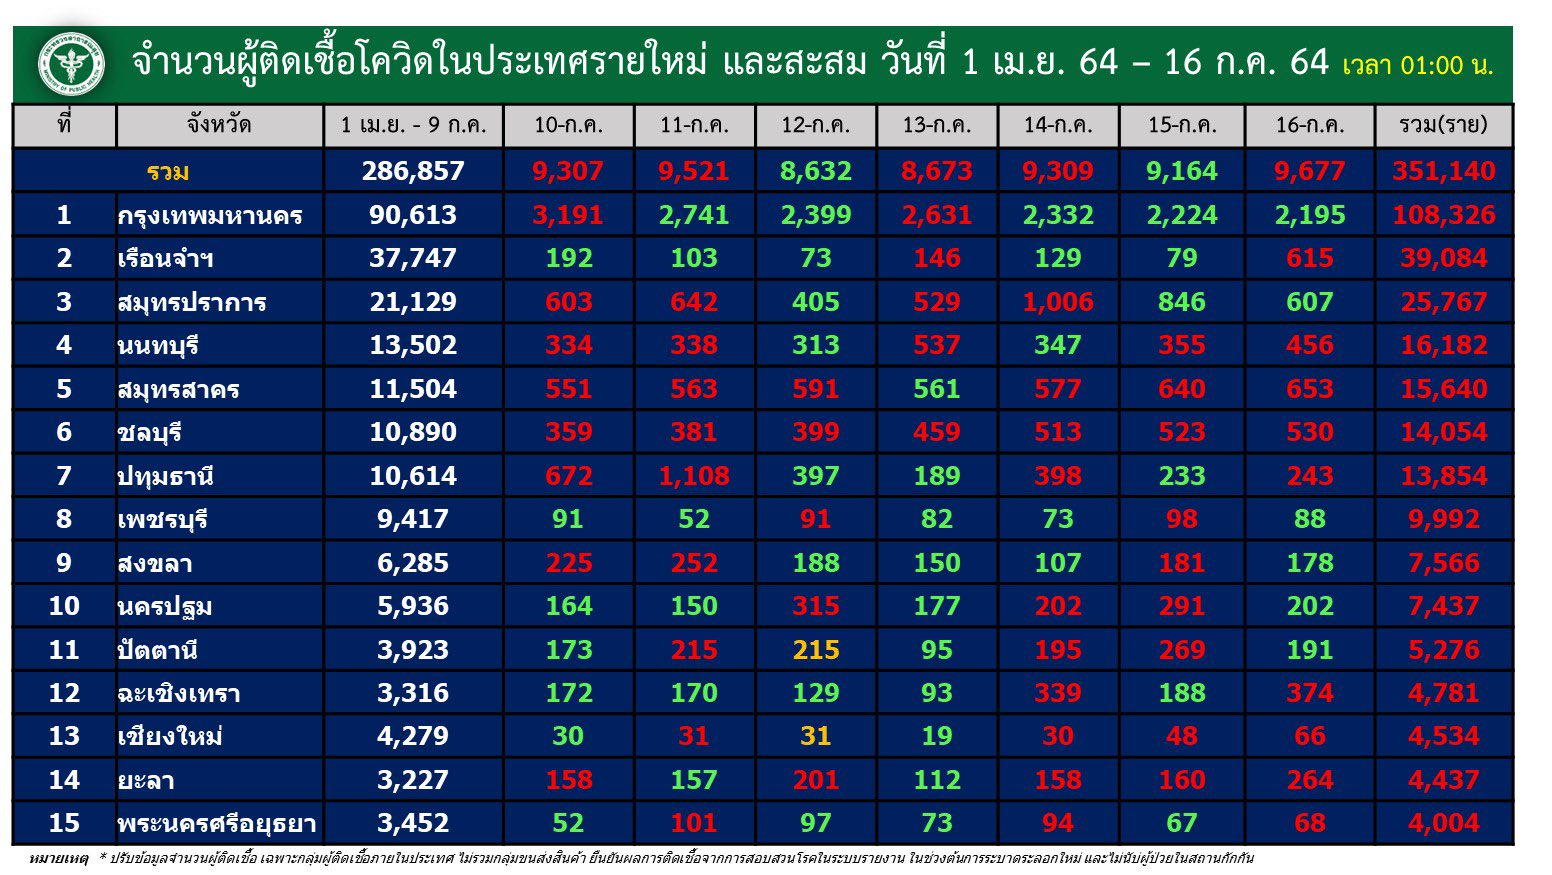 www.thaiguide.dk/images/forum/covid19/smitte%20provinser%20dag%20og%20total%2016-07-21.jpg